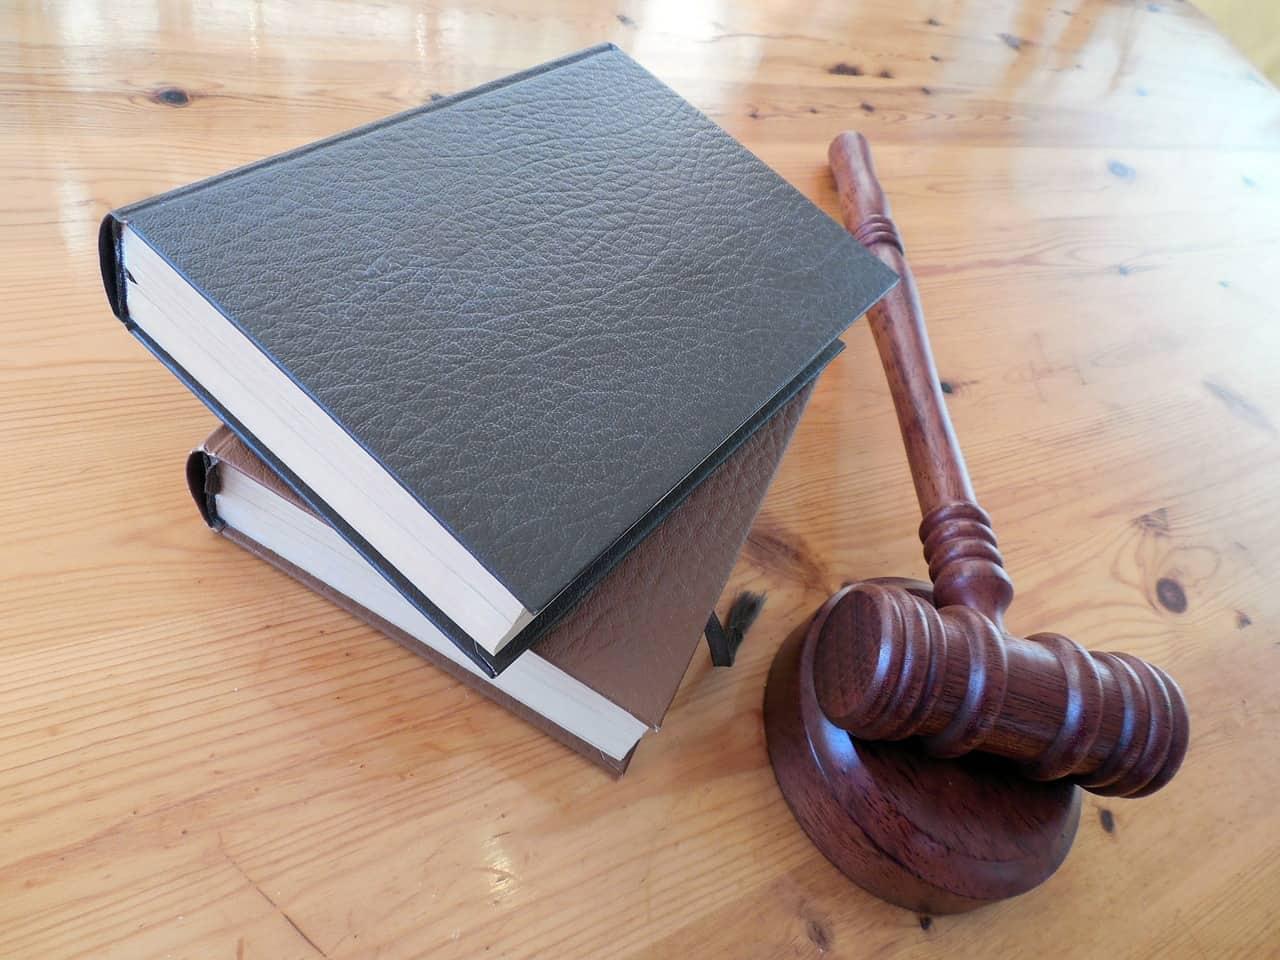 ציוד של עורך דין